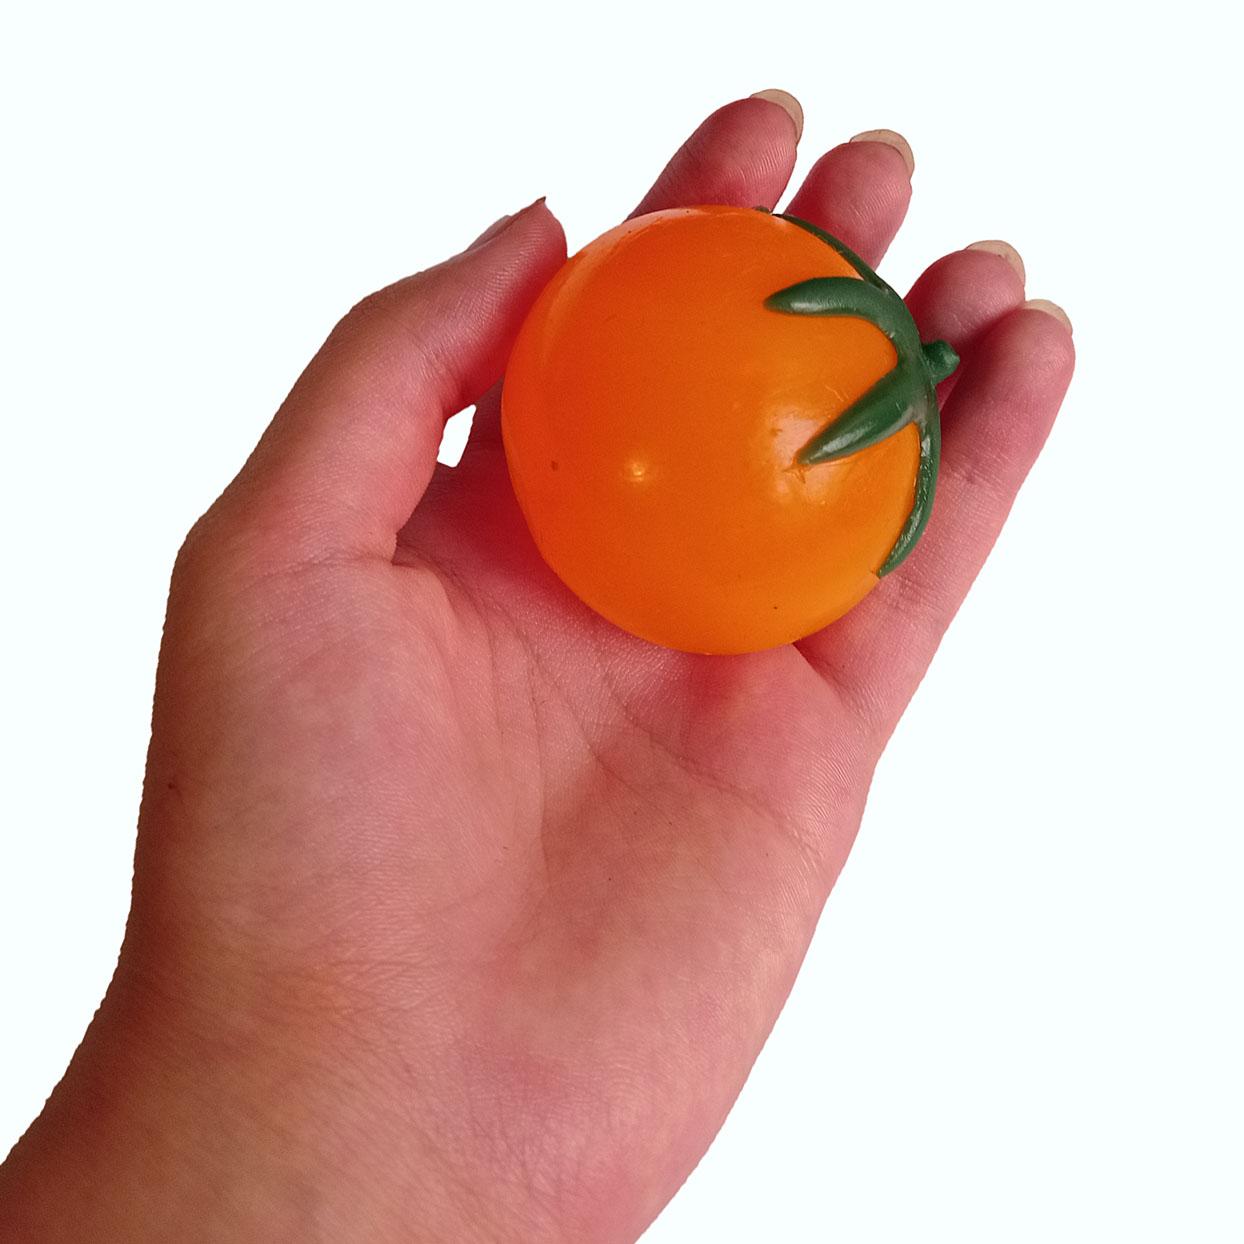 فیجت ضد استرس طرح گوجه مدل pnd1035 main 1 3